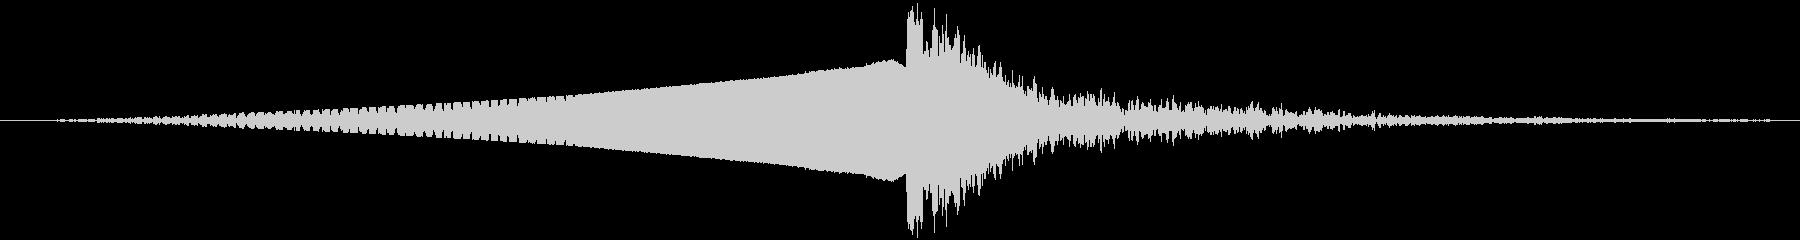 【映画】 シネマティック ライザー 07の未再生の波形